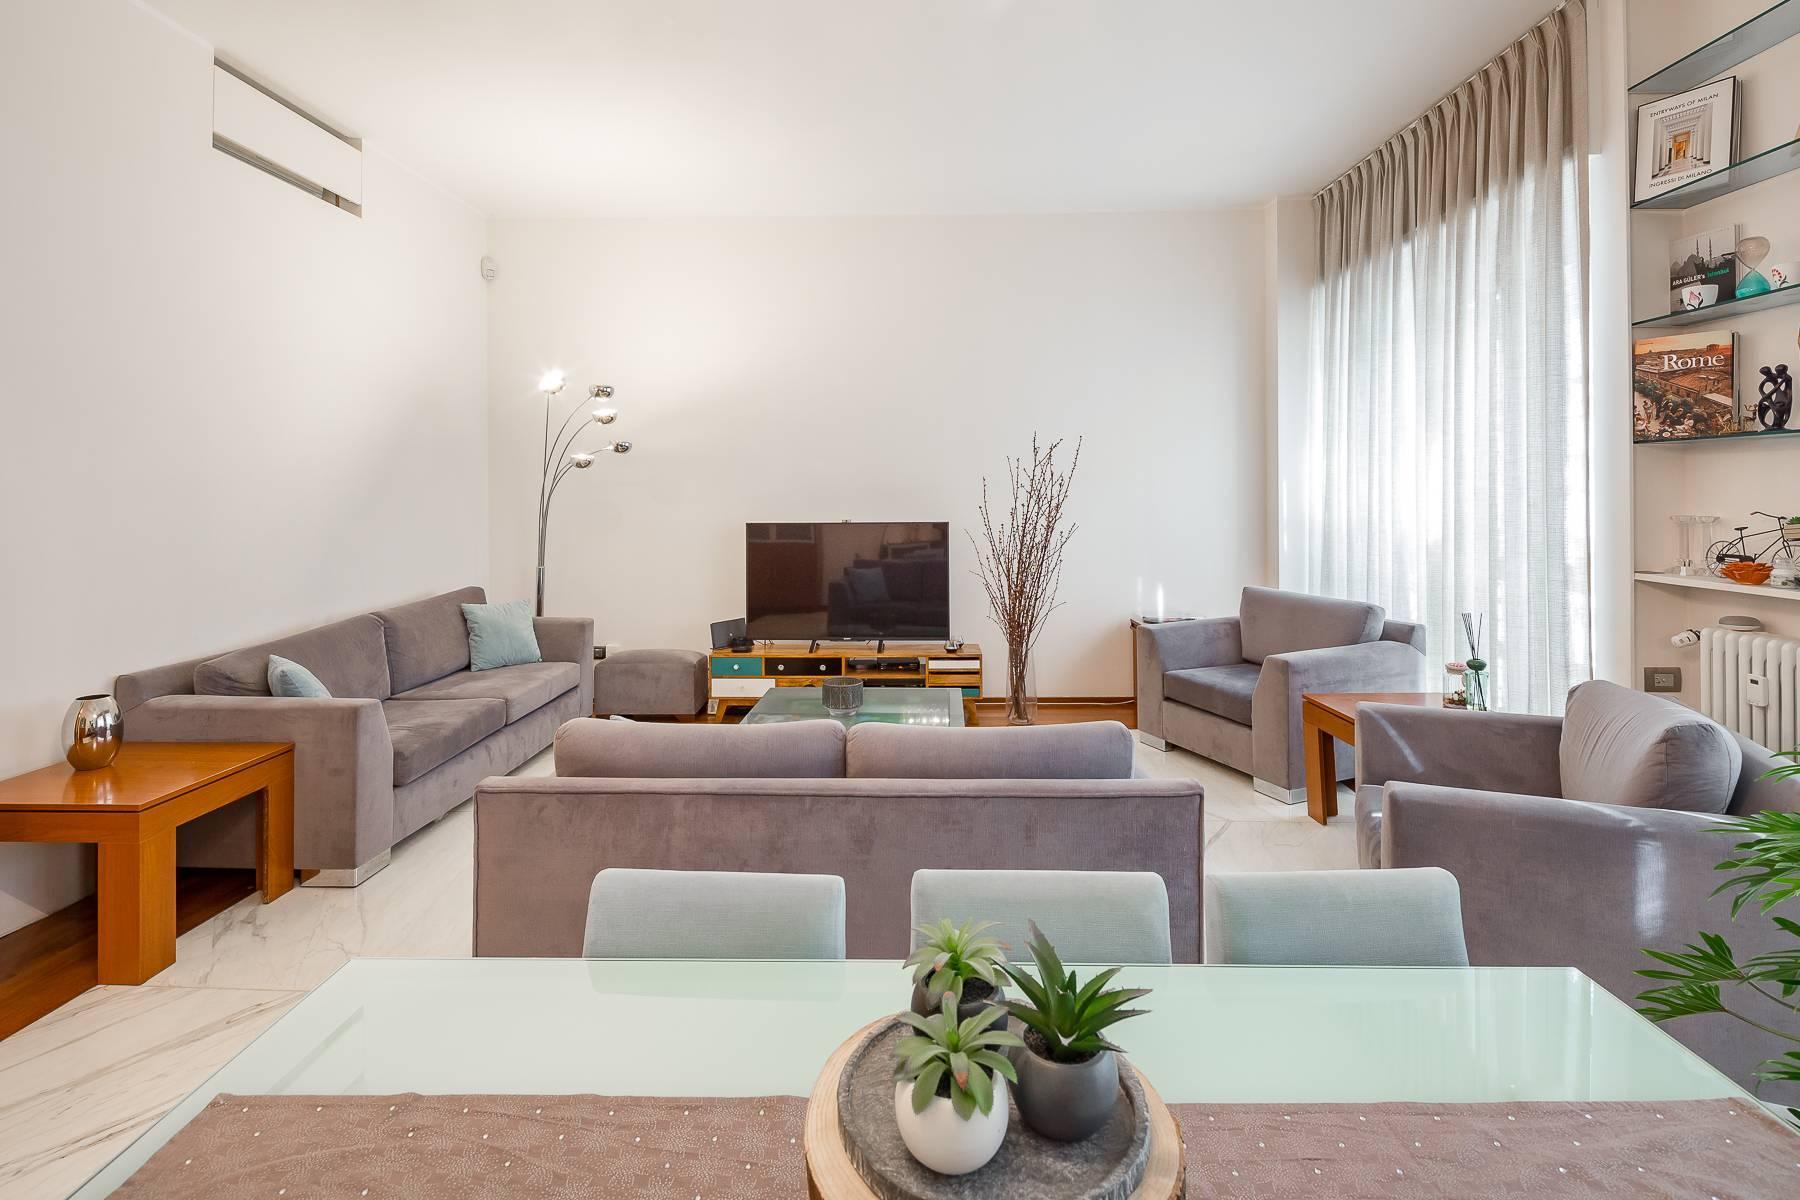 Renovierte Wohnung im Stadtviertel Ticinese/Darsena - 1